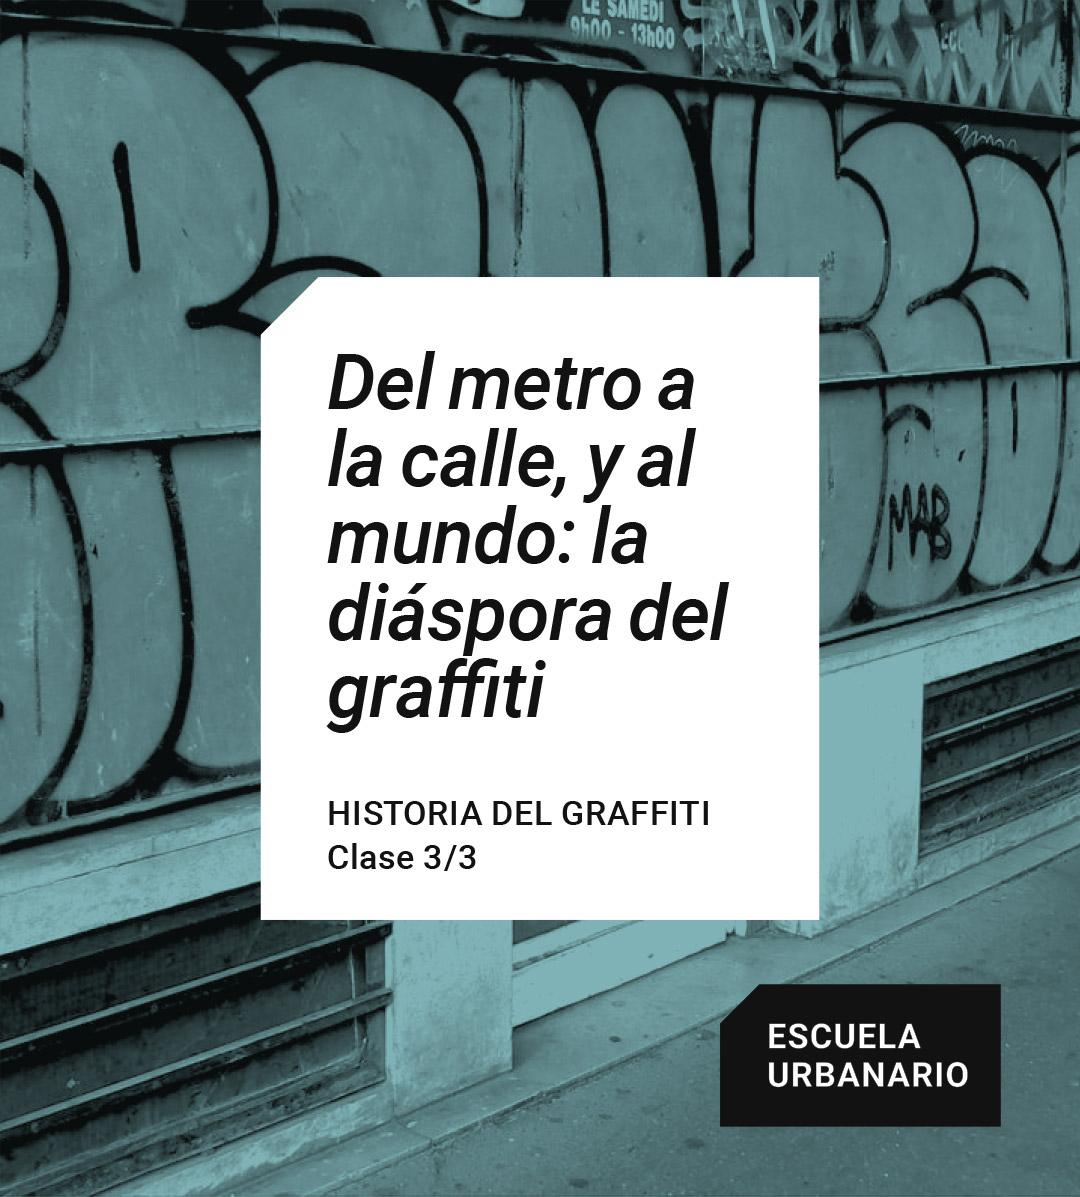 La diáspora del graffiti - Escuela Urbanario